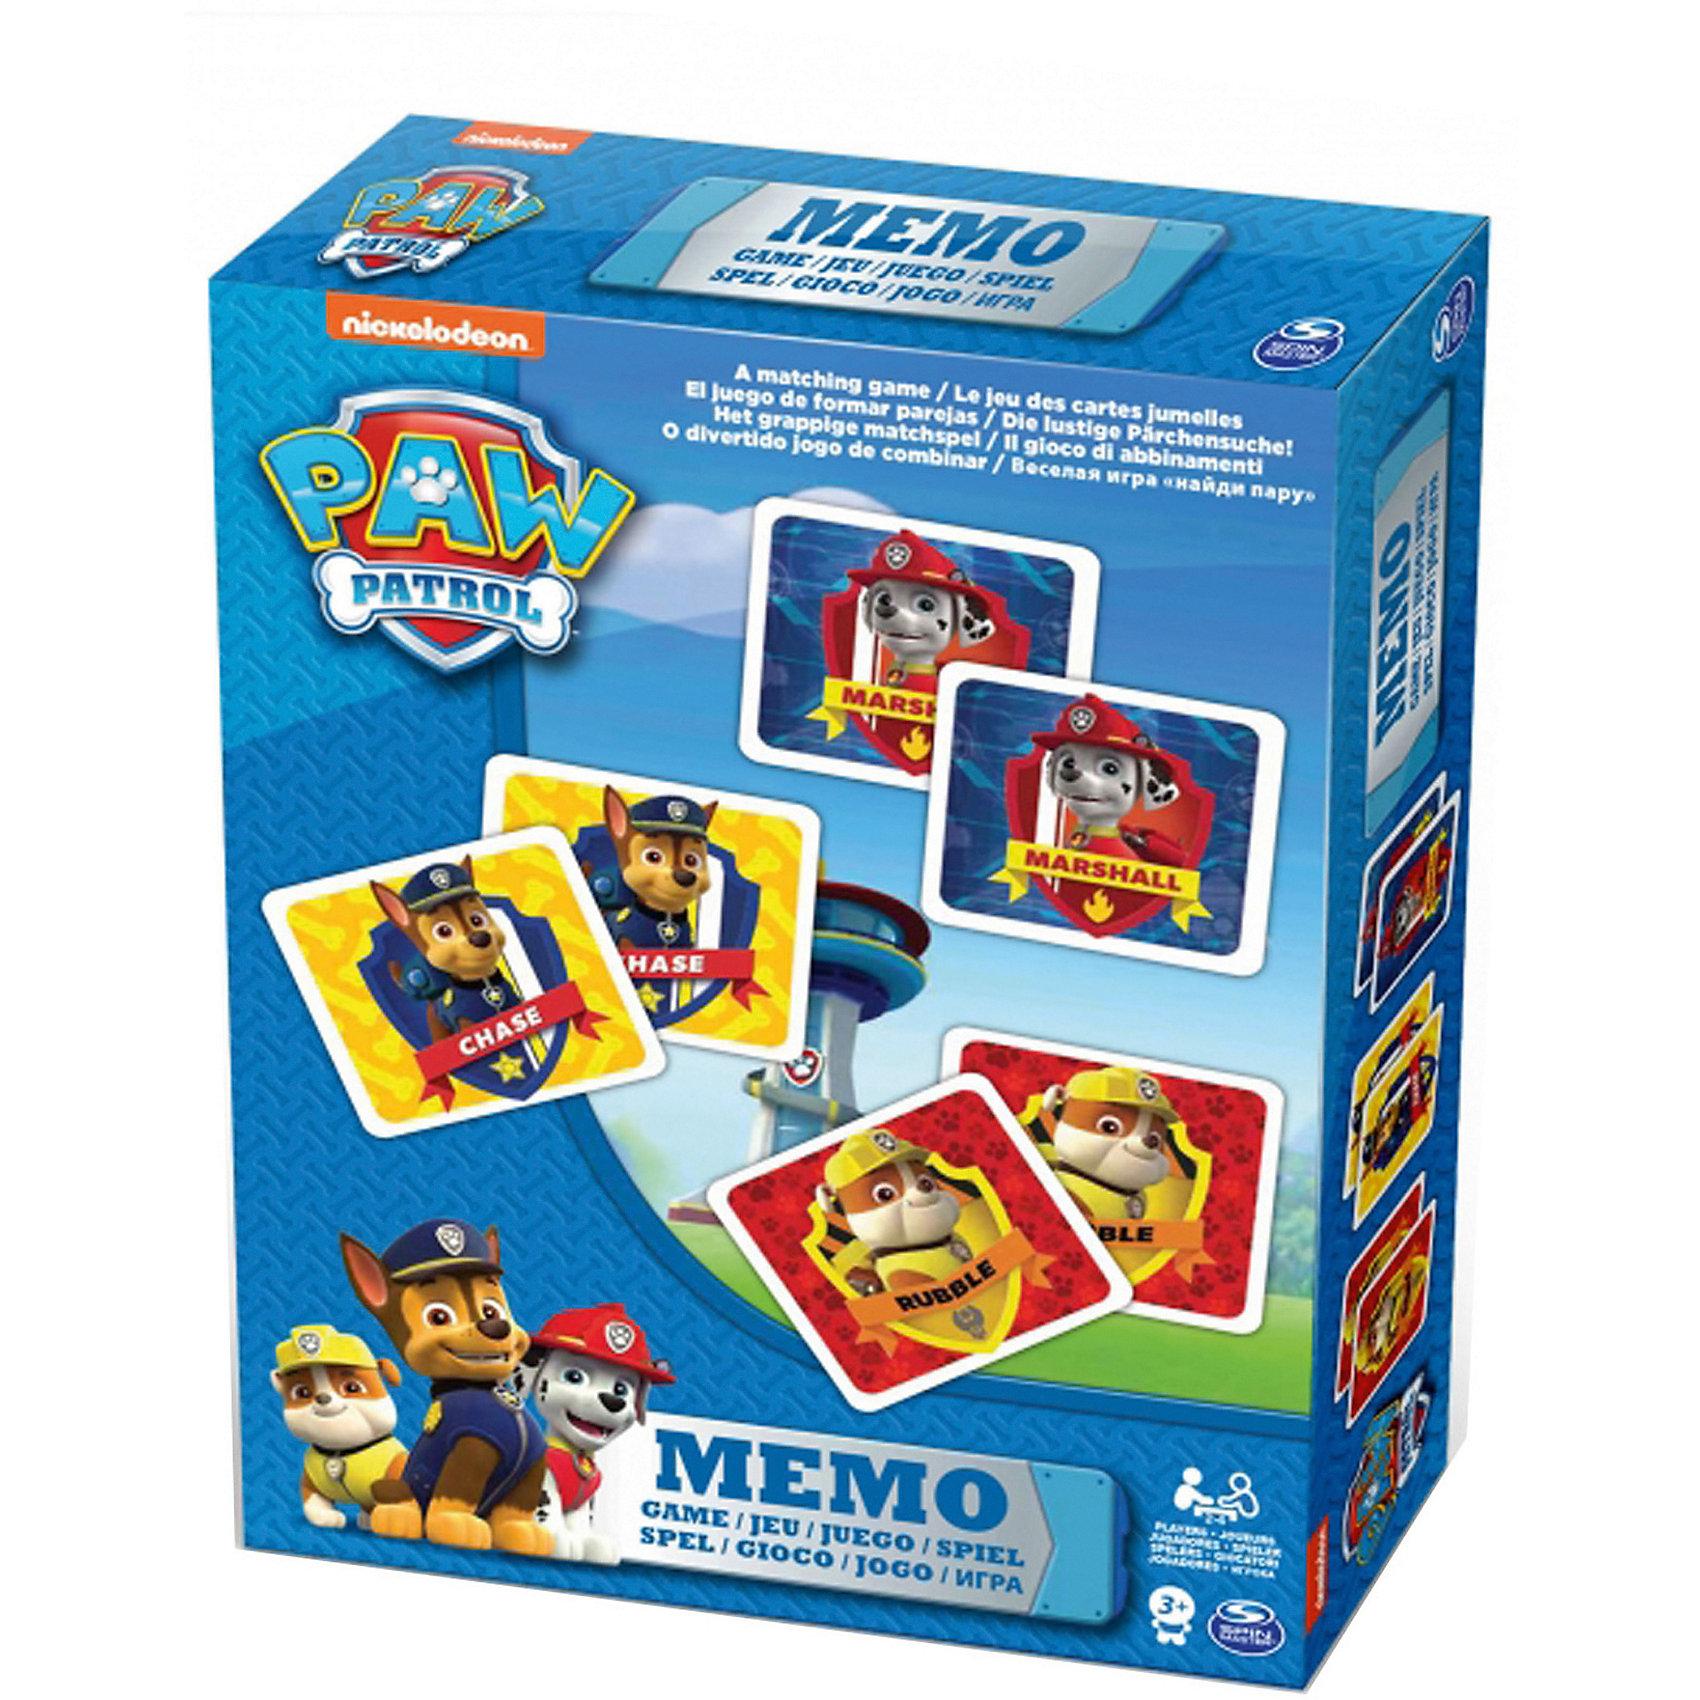 Игра Мемори 48 карточек, Щенячий ПатрульХарактеристики:<br><br>• комплектация: 48 карточек;<br>• количество игроков: 2-4 человека;<br>• материал: картон;<br>• размер упаковки: 16х16х3 см;<br>• вес: 216 г.<br><br>Правила игры:<br><br>1. Карточки переворачиваются рубашками вверх.<br>2. Игроки поочередно переворачивают по 2 карточки.<br>3. При удачном выборе пара одинаковых изображений переходит к тому игроку, кто открывал карточки.<br>4. Если пары не получилось, карточки переворачиваются обратно рубашками вверх. Ход переходит другому игроку.<br>5. Победителем считается тот игрок, у кого было больше всего совпадений в парных изображениях. <br><br>Игру Мемори 48 карточек, Щенячий Патруль можно купить в нашем магазине.<br><br>Ширина мм: 160<br>Глубина мм: 160<br>Высота мм: 30<br>Вес г: 216<br>Возраст от месяцев: 36<br>Возраст до месяцев: 2147483647<br>Пол: Унисекс<br>Возраст: Детский<br>SKU: 5298035